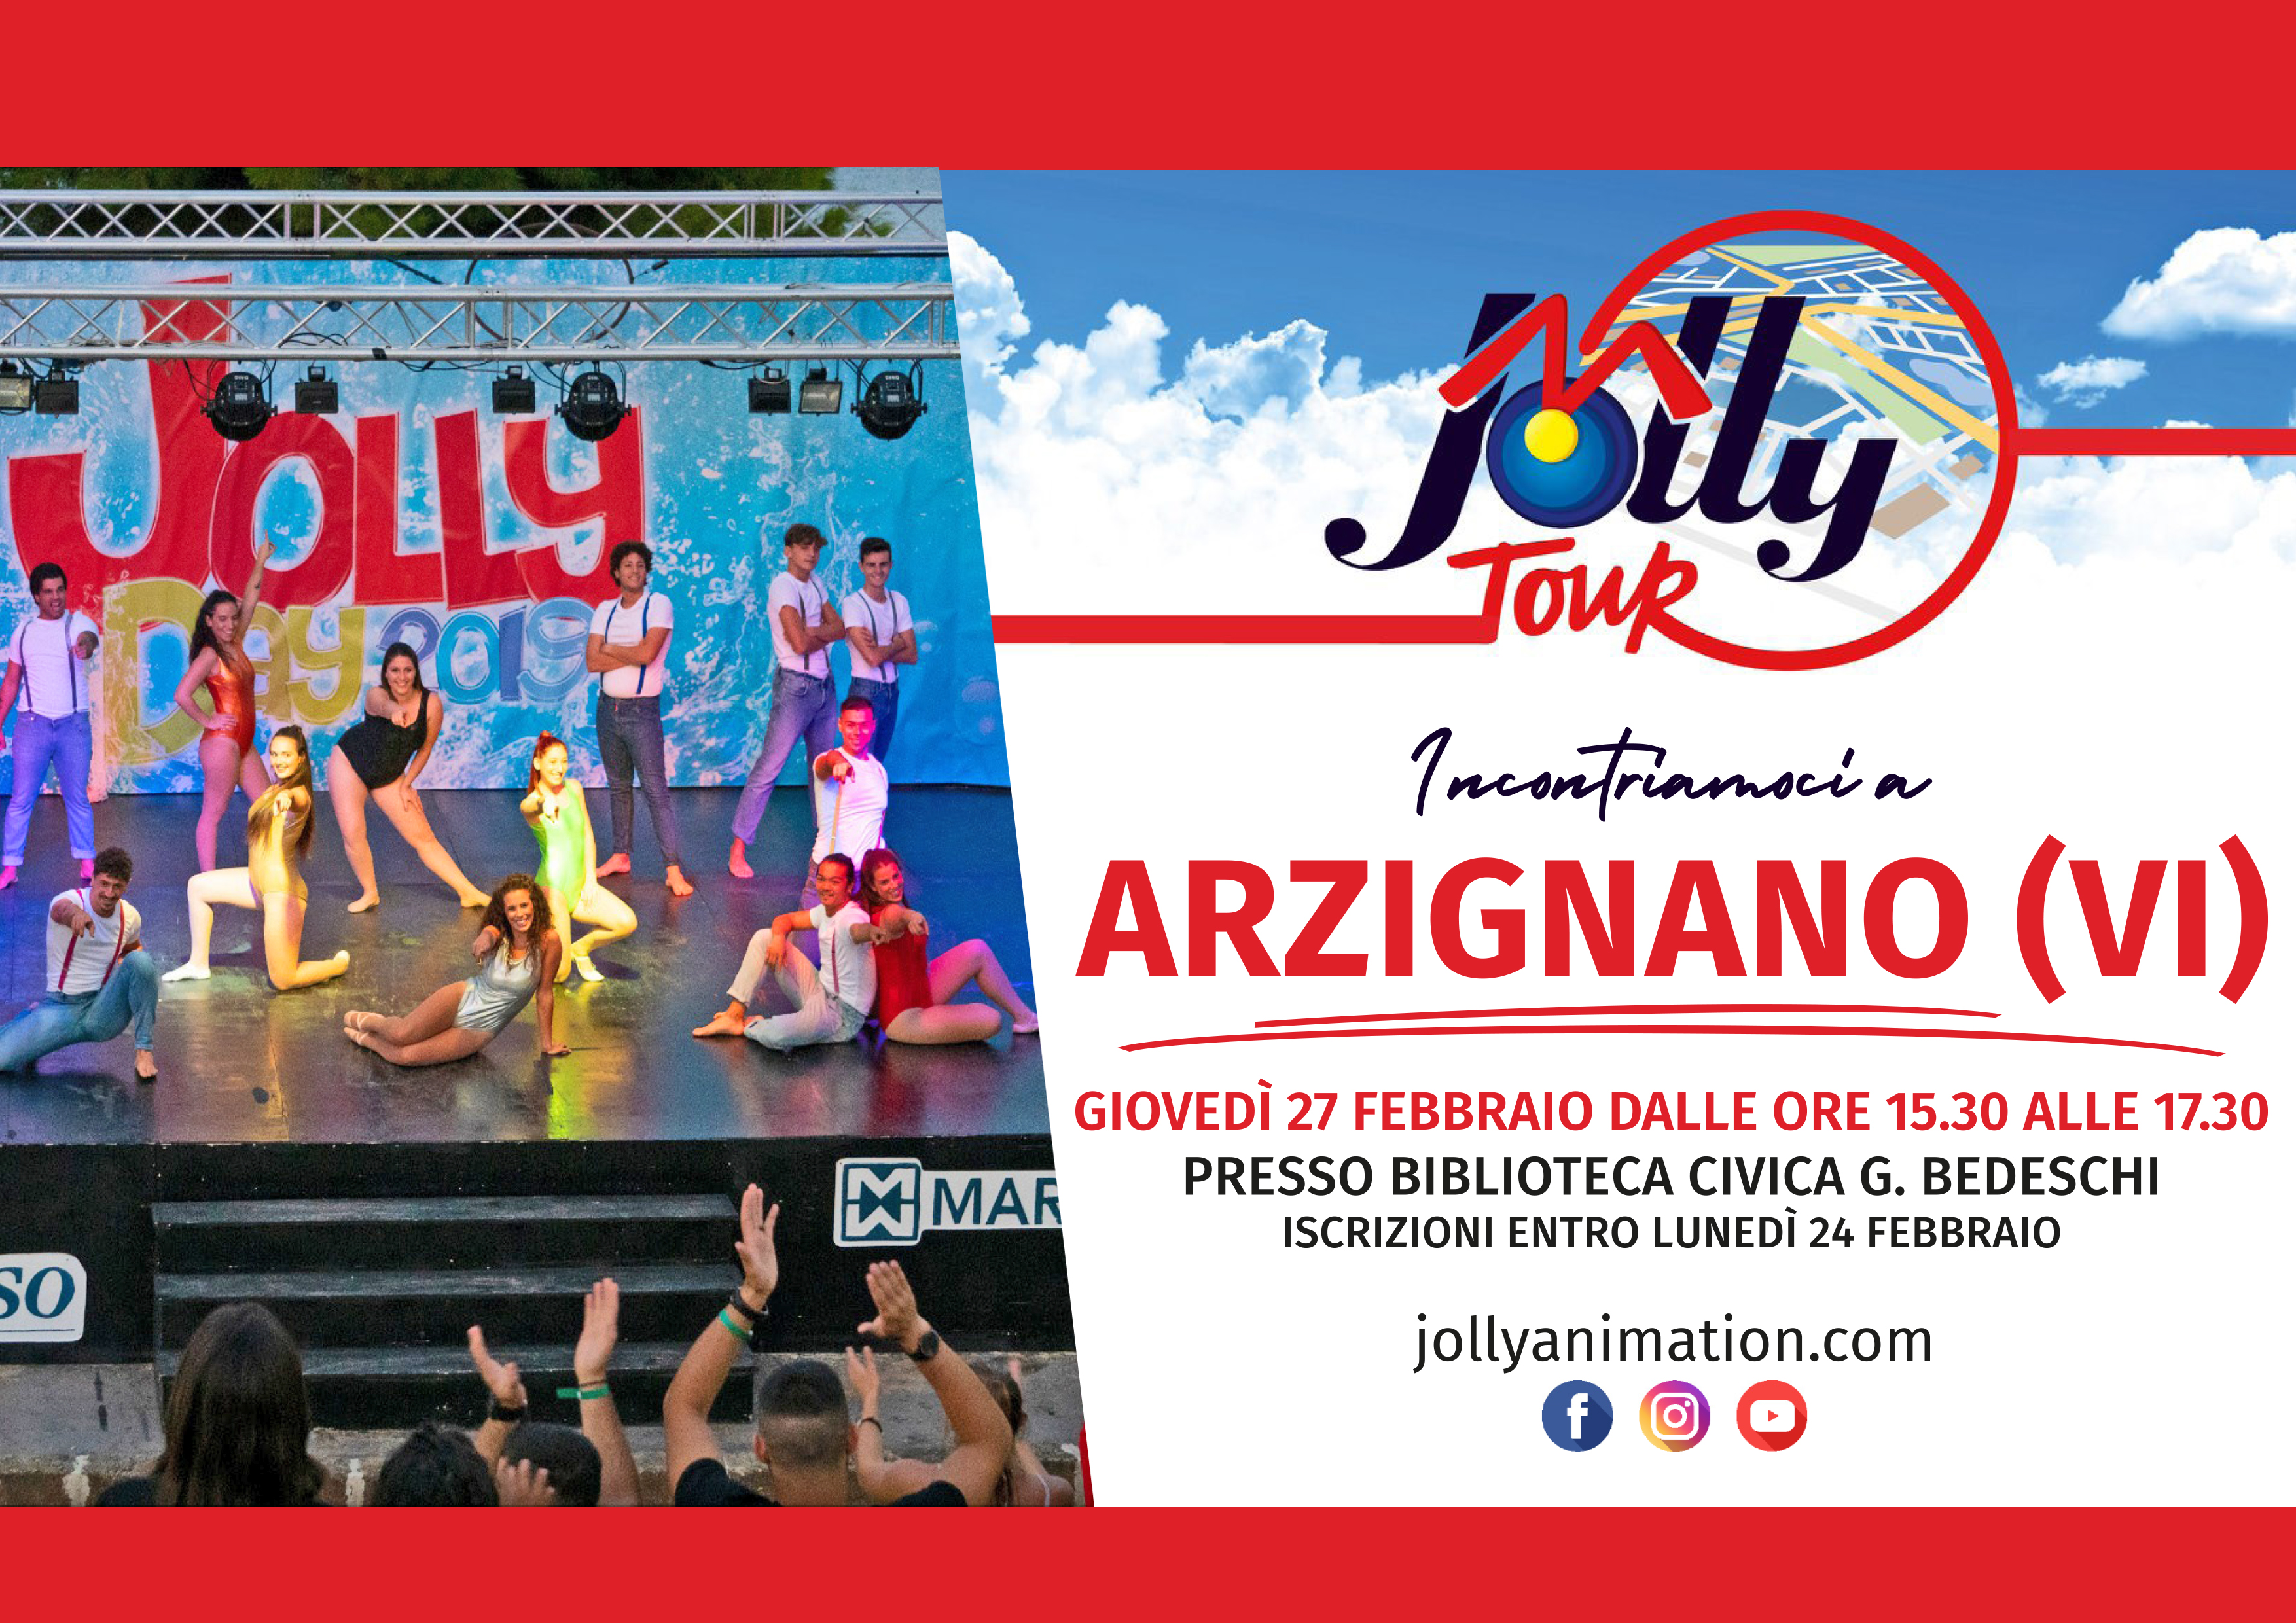 Jolly in tour, appuntamento giovedì 27 febbraio ad Arzignano